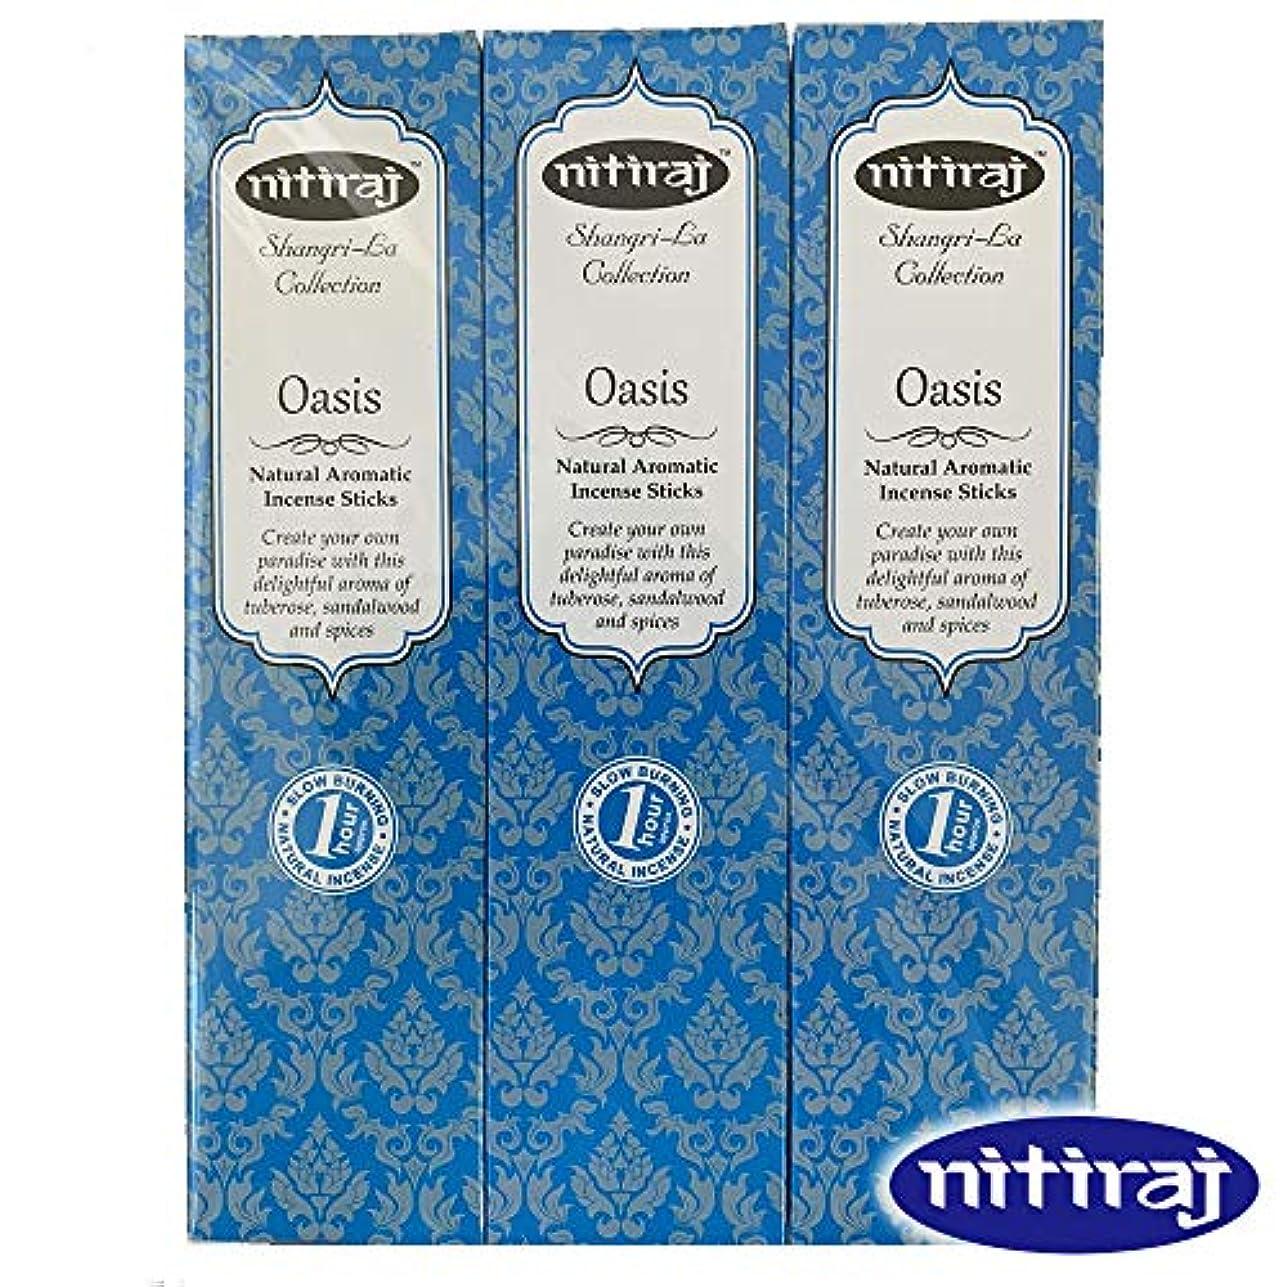 嵐物足りないシャックルお香 アロマインセンス Nitiraj(ニティラジ)Oasis(オアシス) 3箱セット(30本/1箱10本入り)100%天然素材